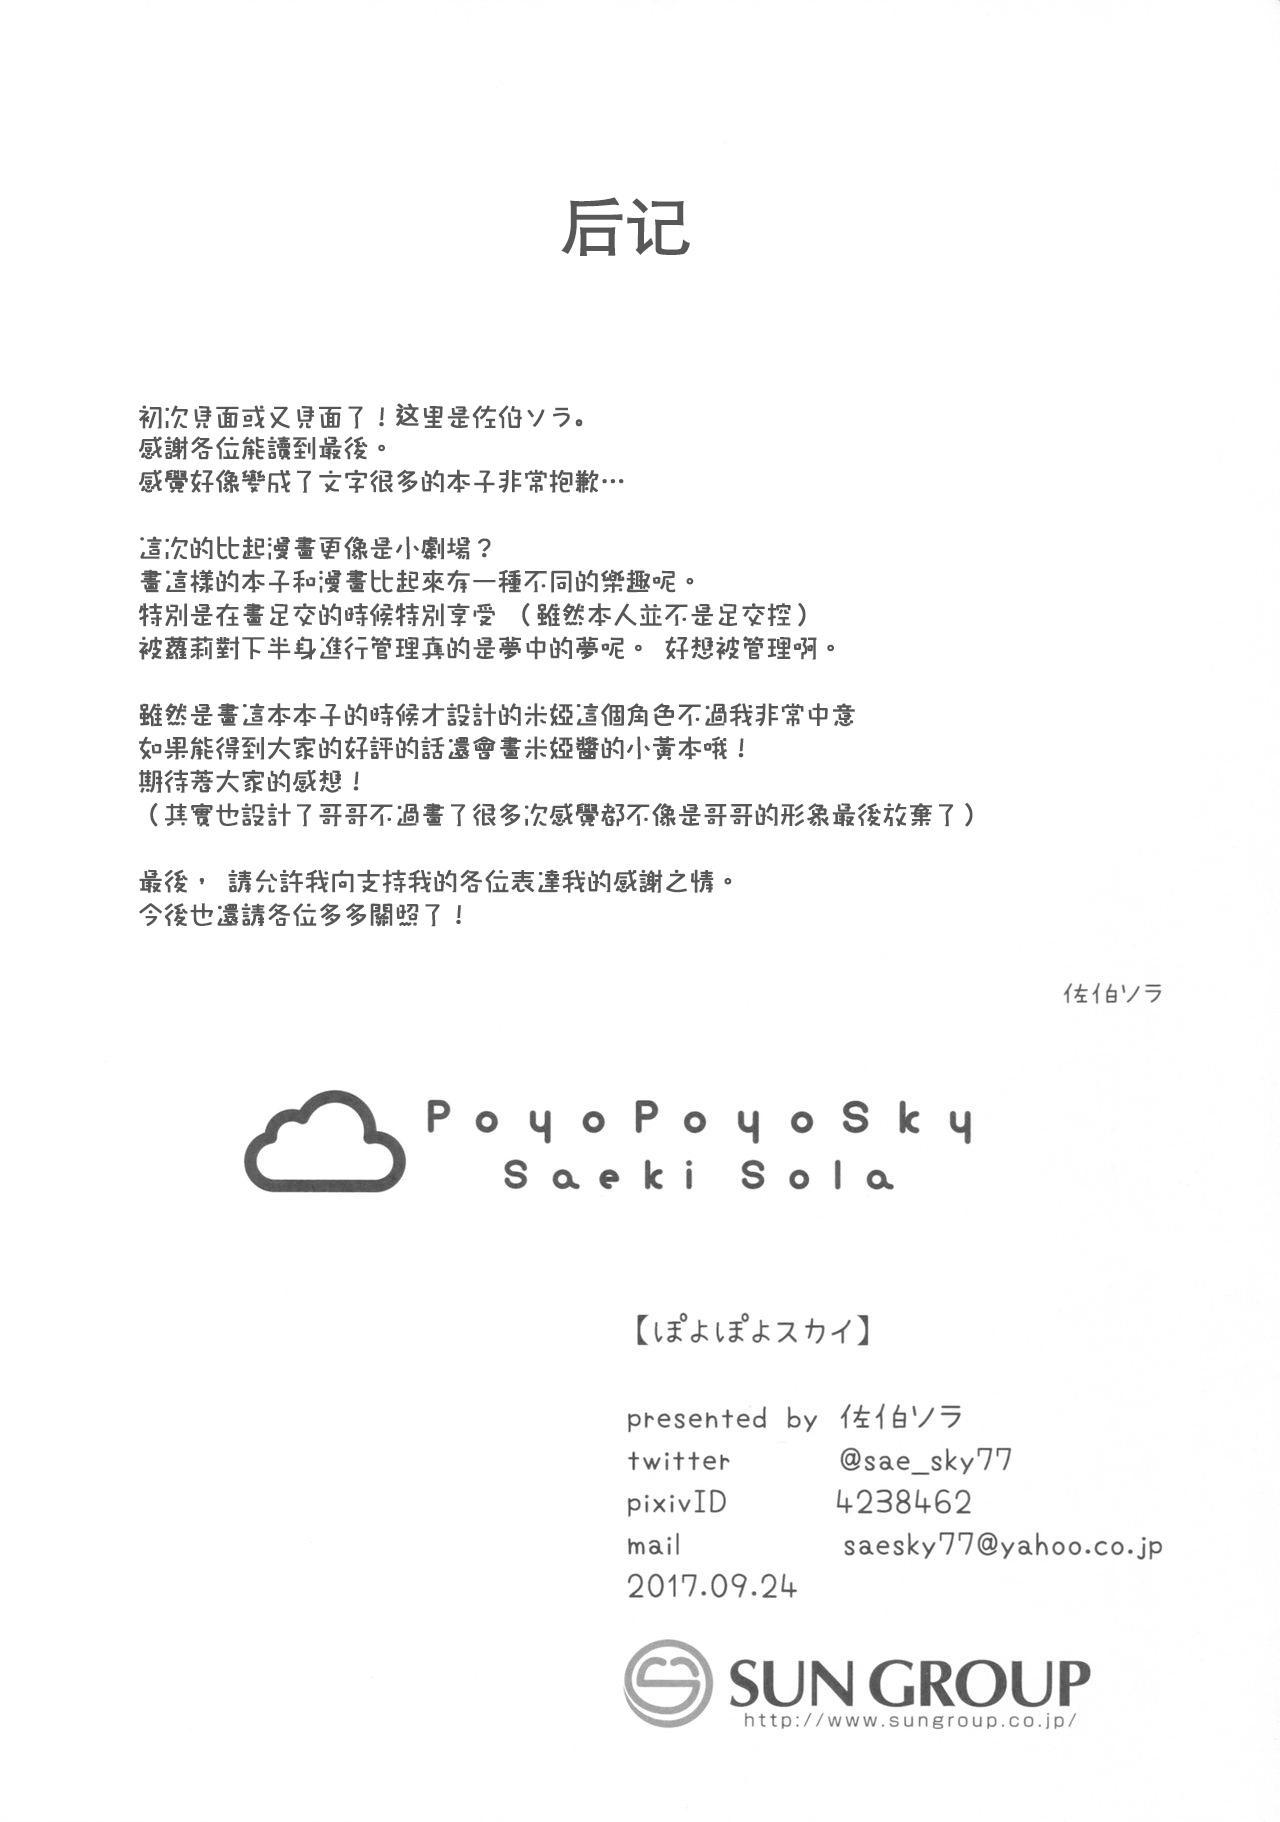 (SC2017 Autumn) [PoyoPoyoSky (Saeki Sola)] Onii-chan no Shasei Kanri-gakari desu [Chinese] [星幽漢化組] 7